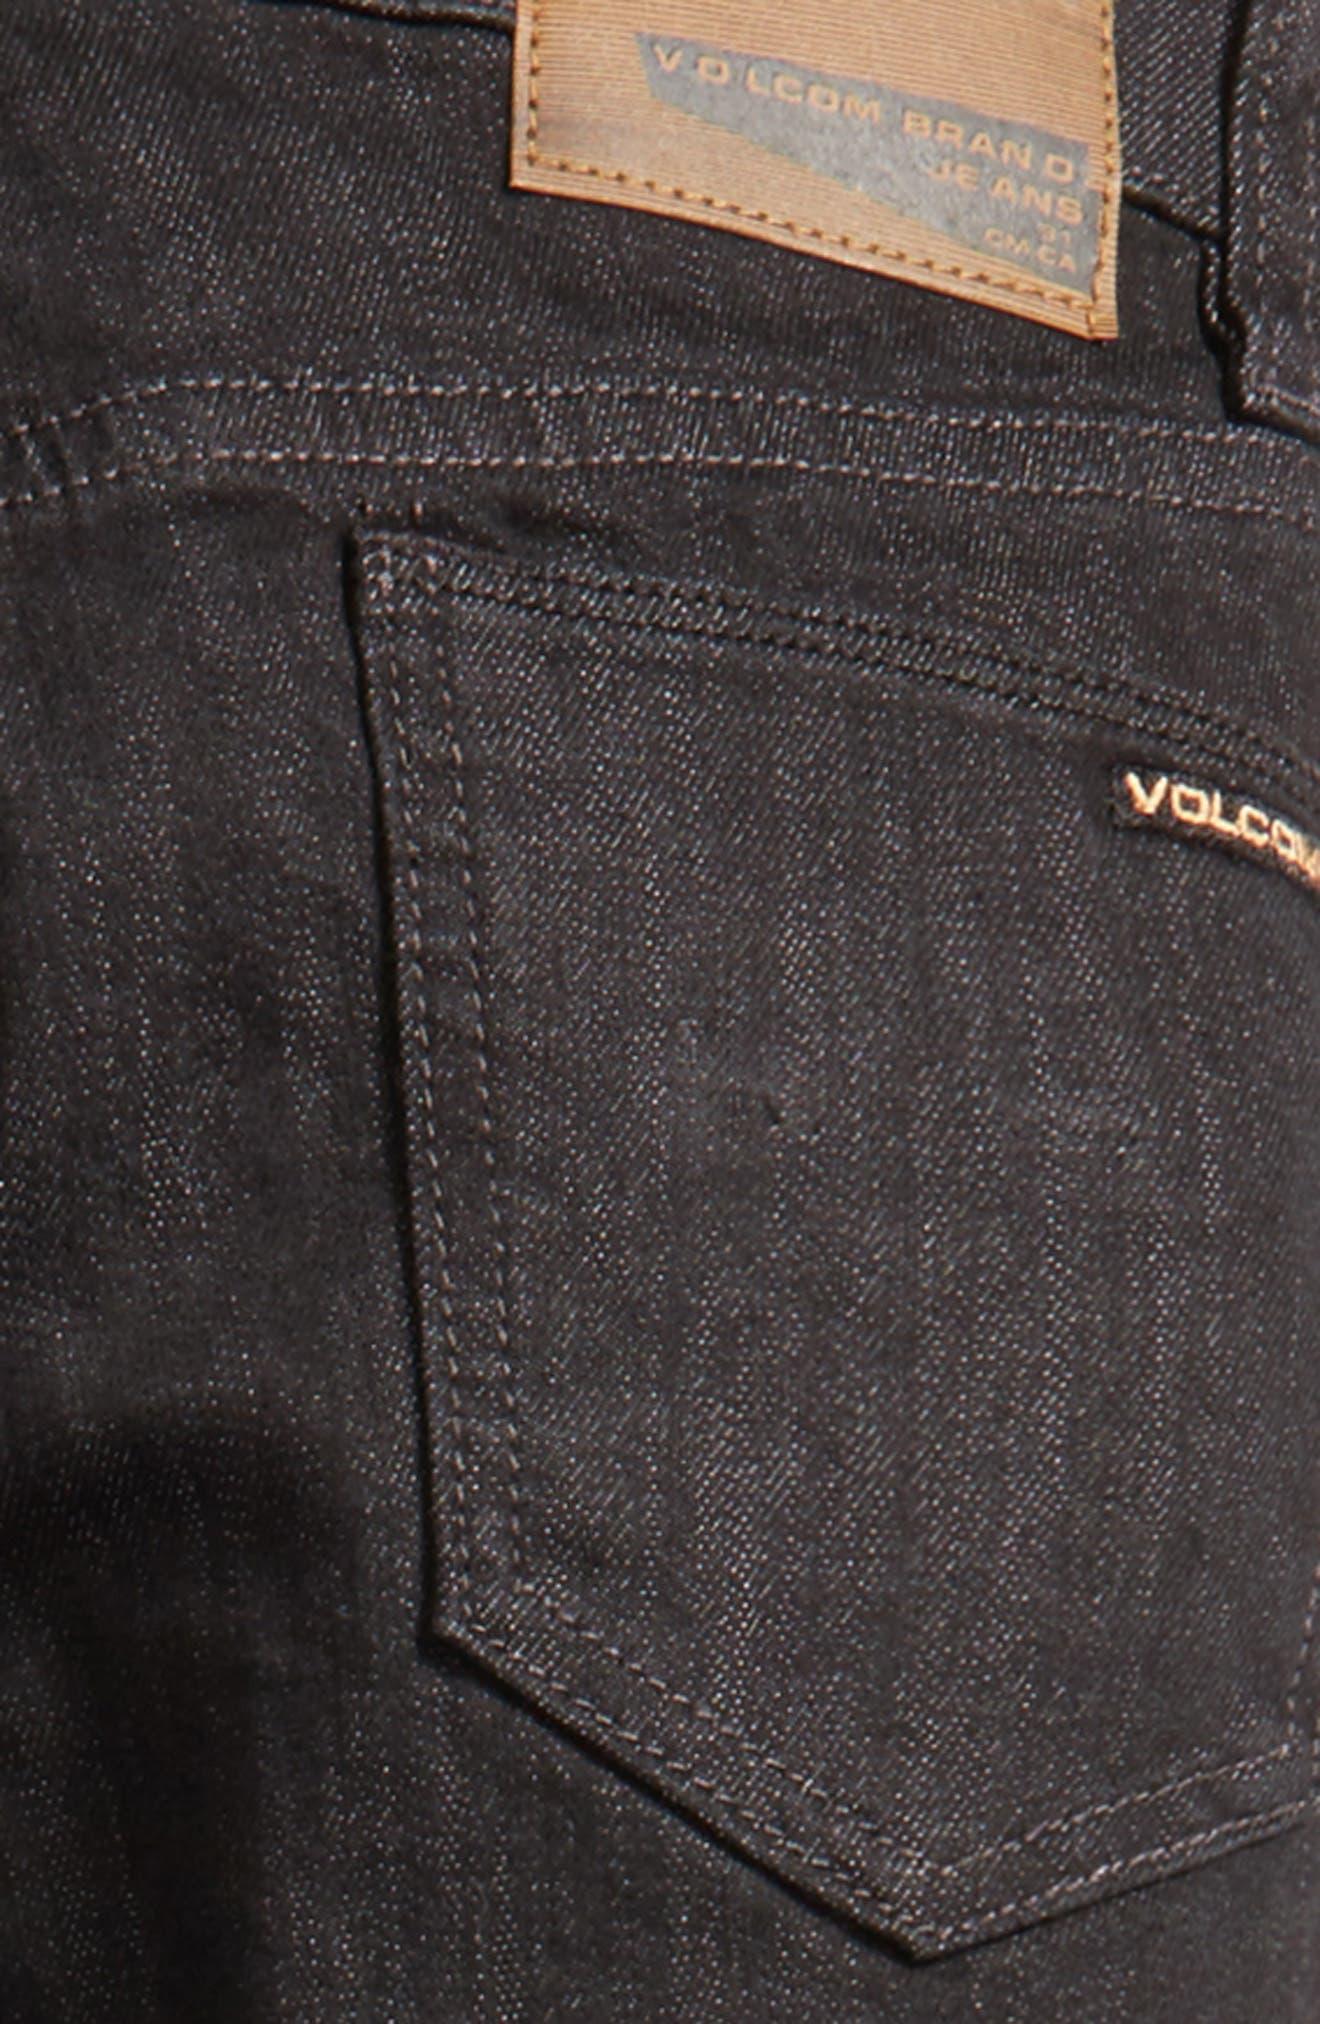 Vorta Slim Fit Jeans,                             Alternate thumbnail 5, color,                             005